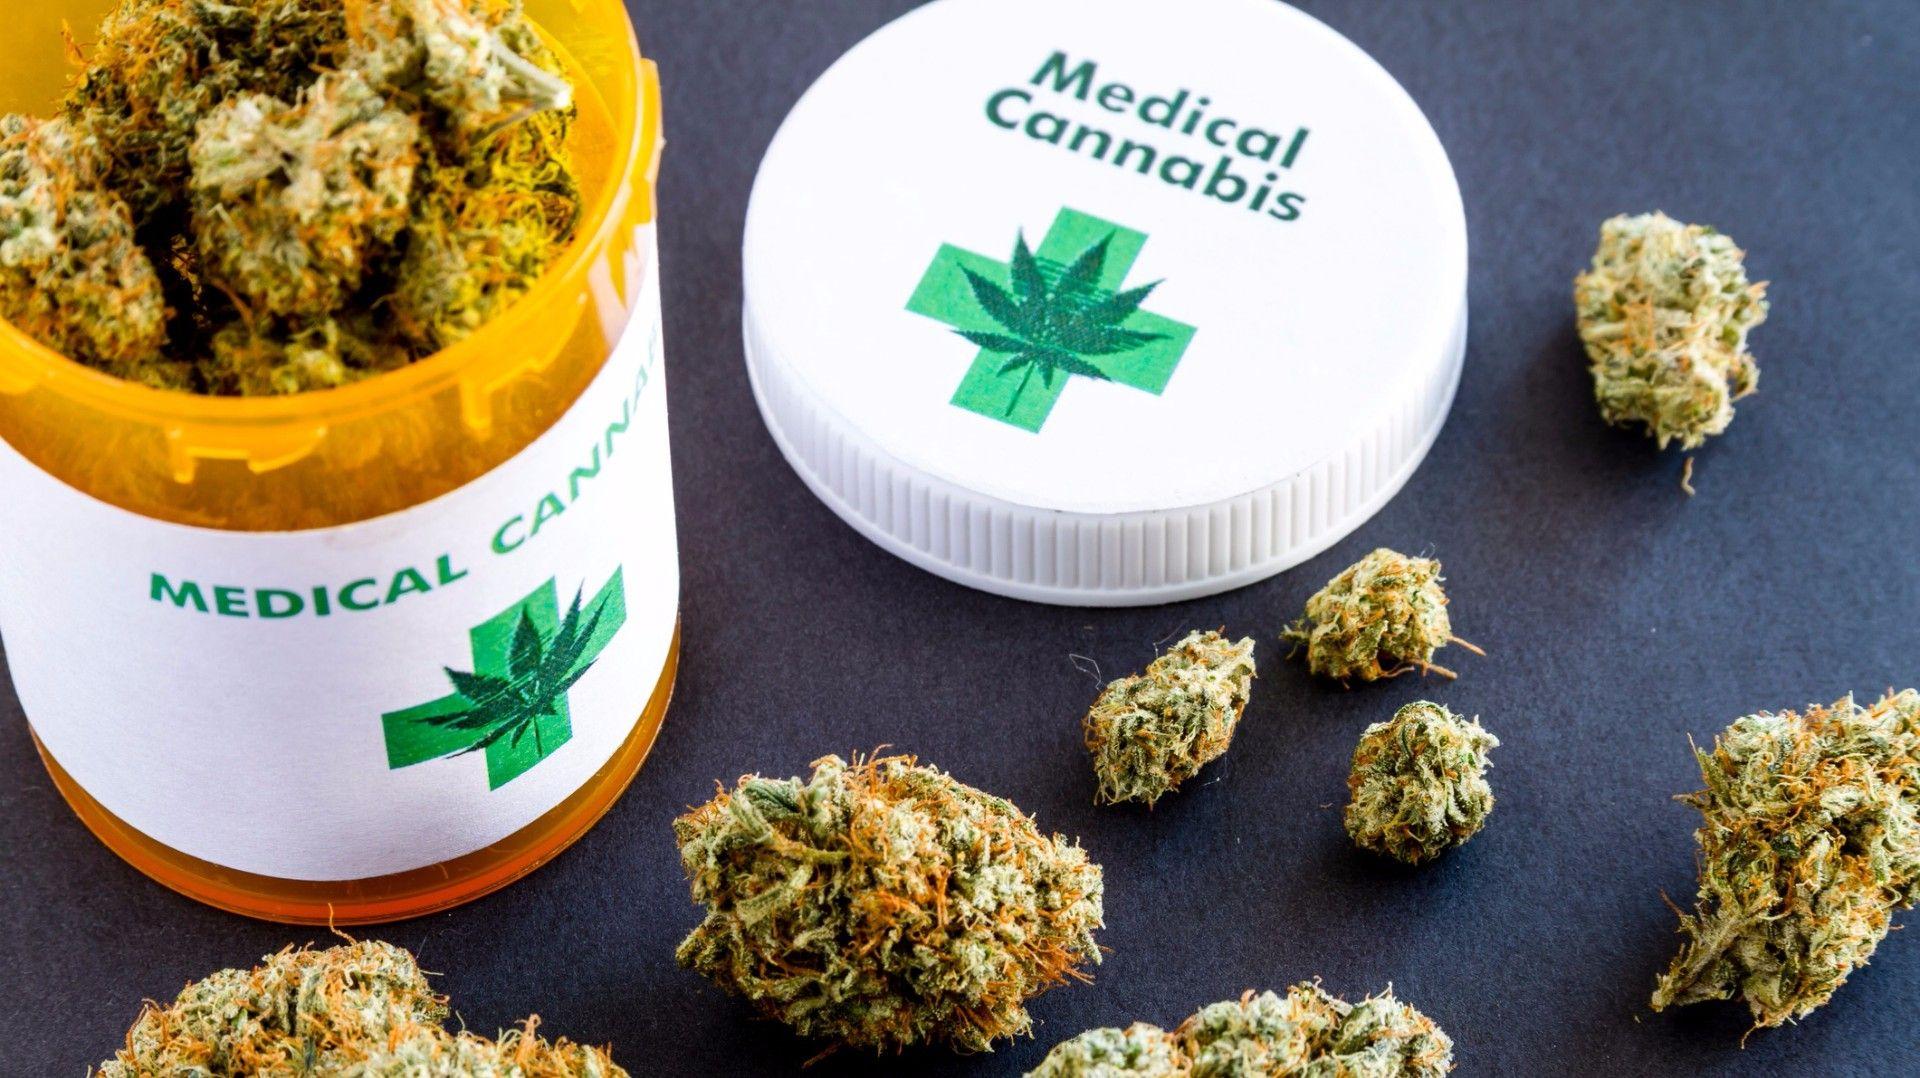 Medicinal marijuana: Another option for Texas veterans with PTSD